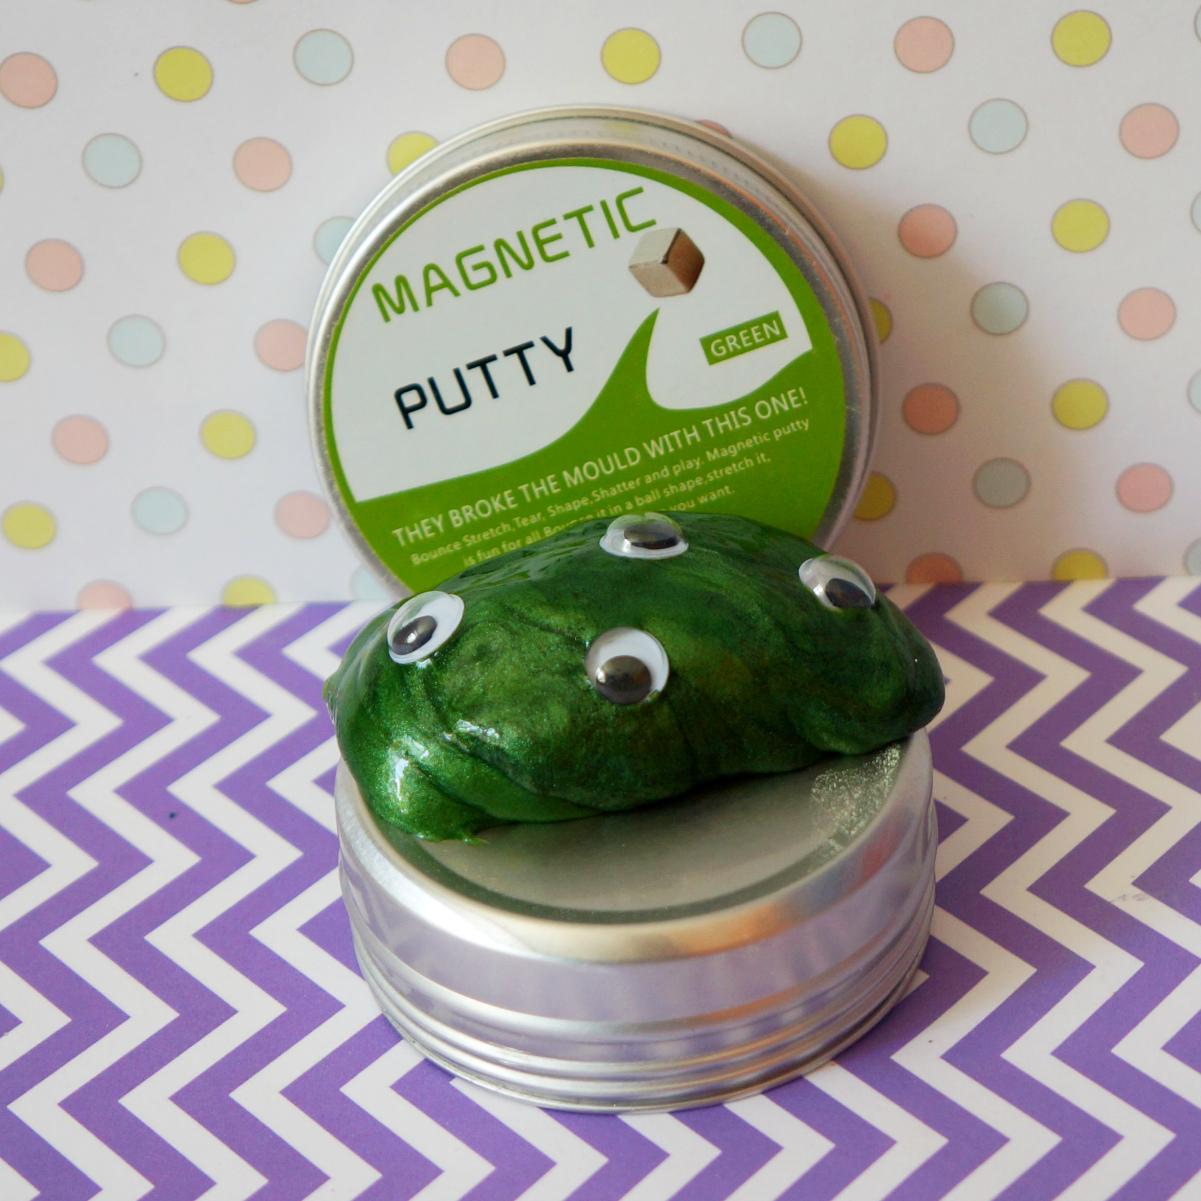 Купить Магнитный лизун Magnetic Putty недорого с доставкой